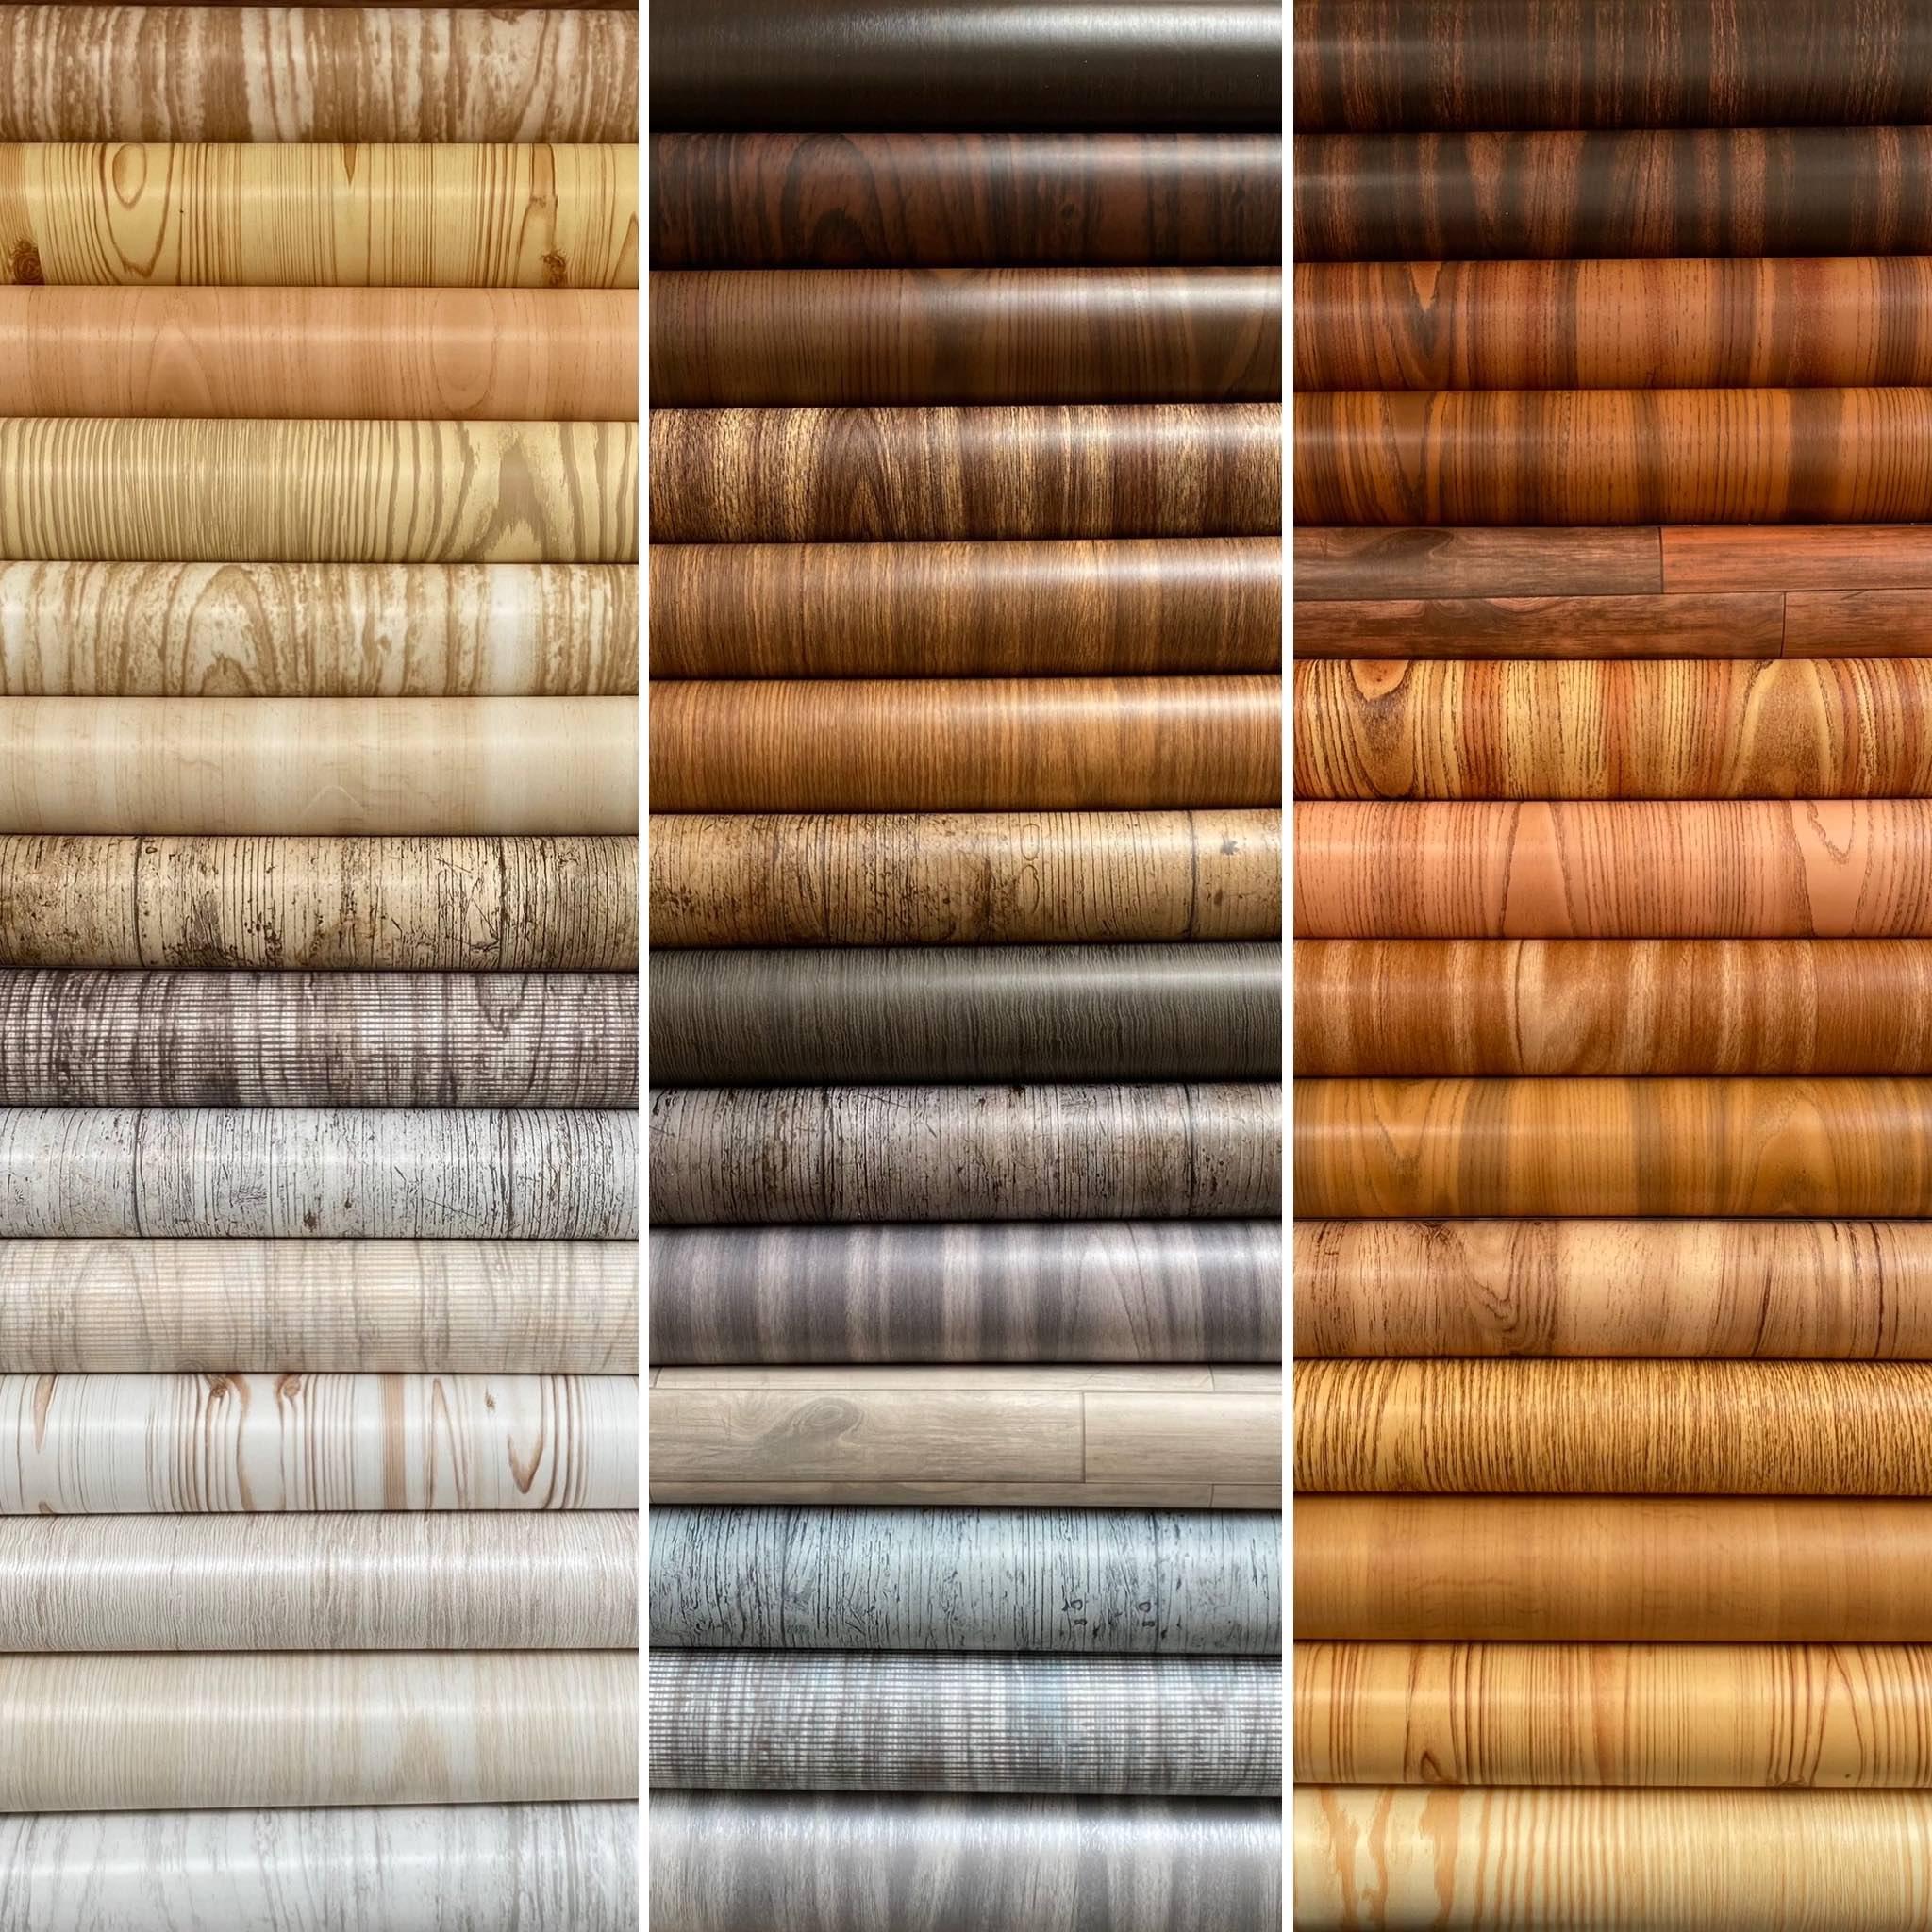 Shades of Wood – Self-Adhesive